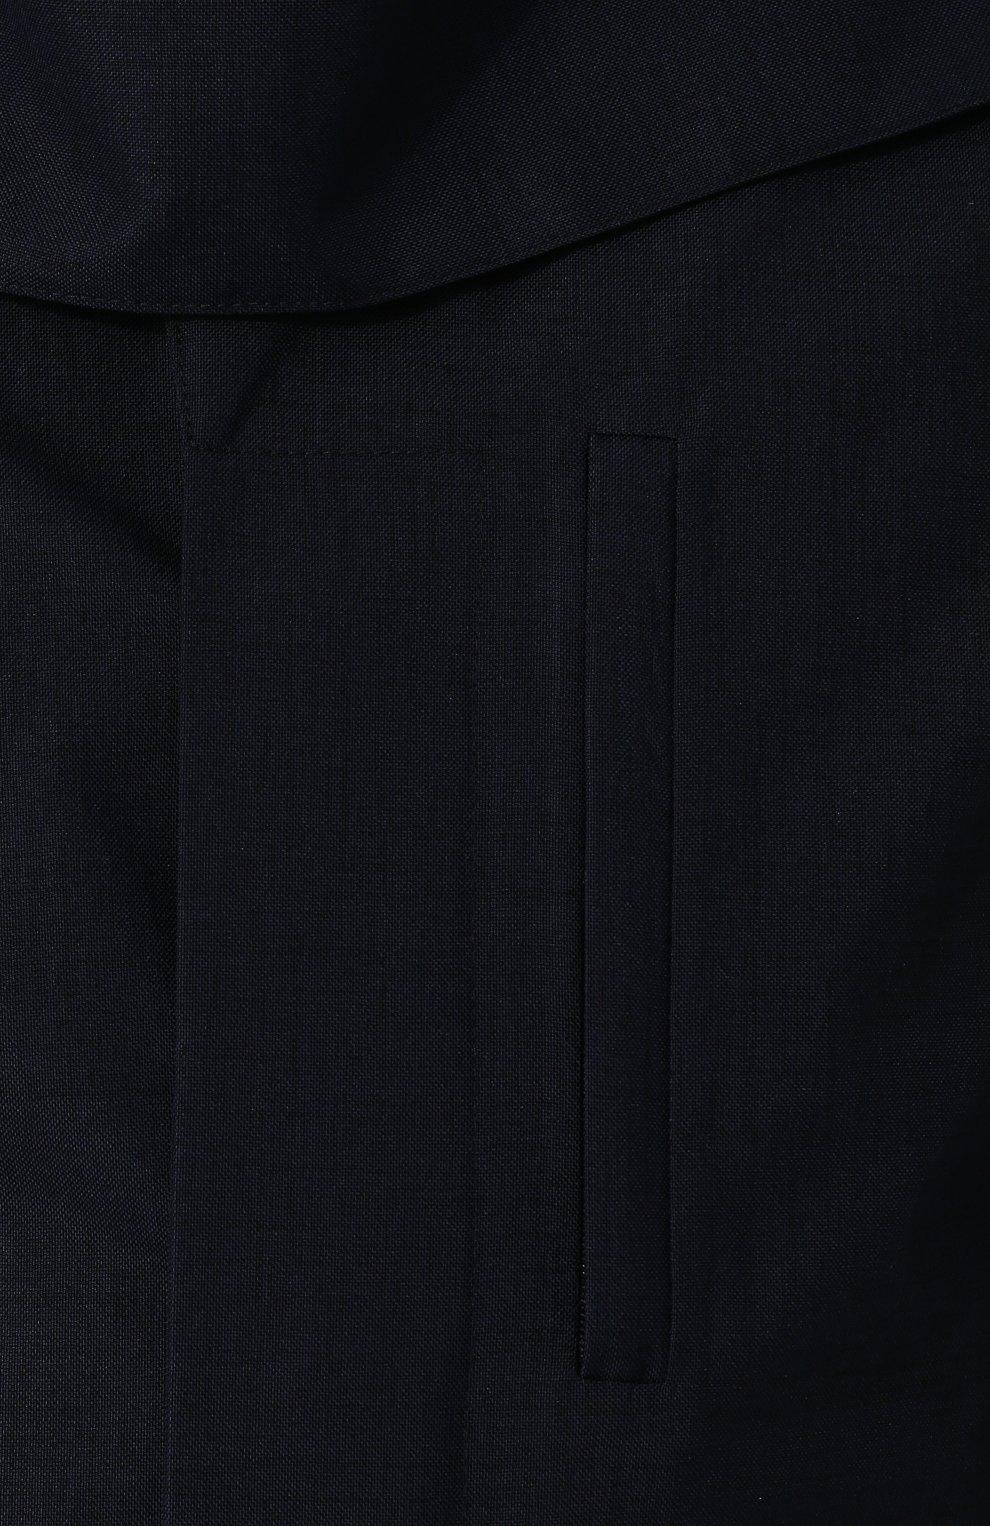 Мужской укороченный плащ на пуговицах с капюшоном NORWEGIAN RAIN темно-синего цвета, арт. CABAN SINGLE BREASTED/MIXED | Фото 5